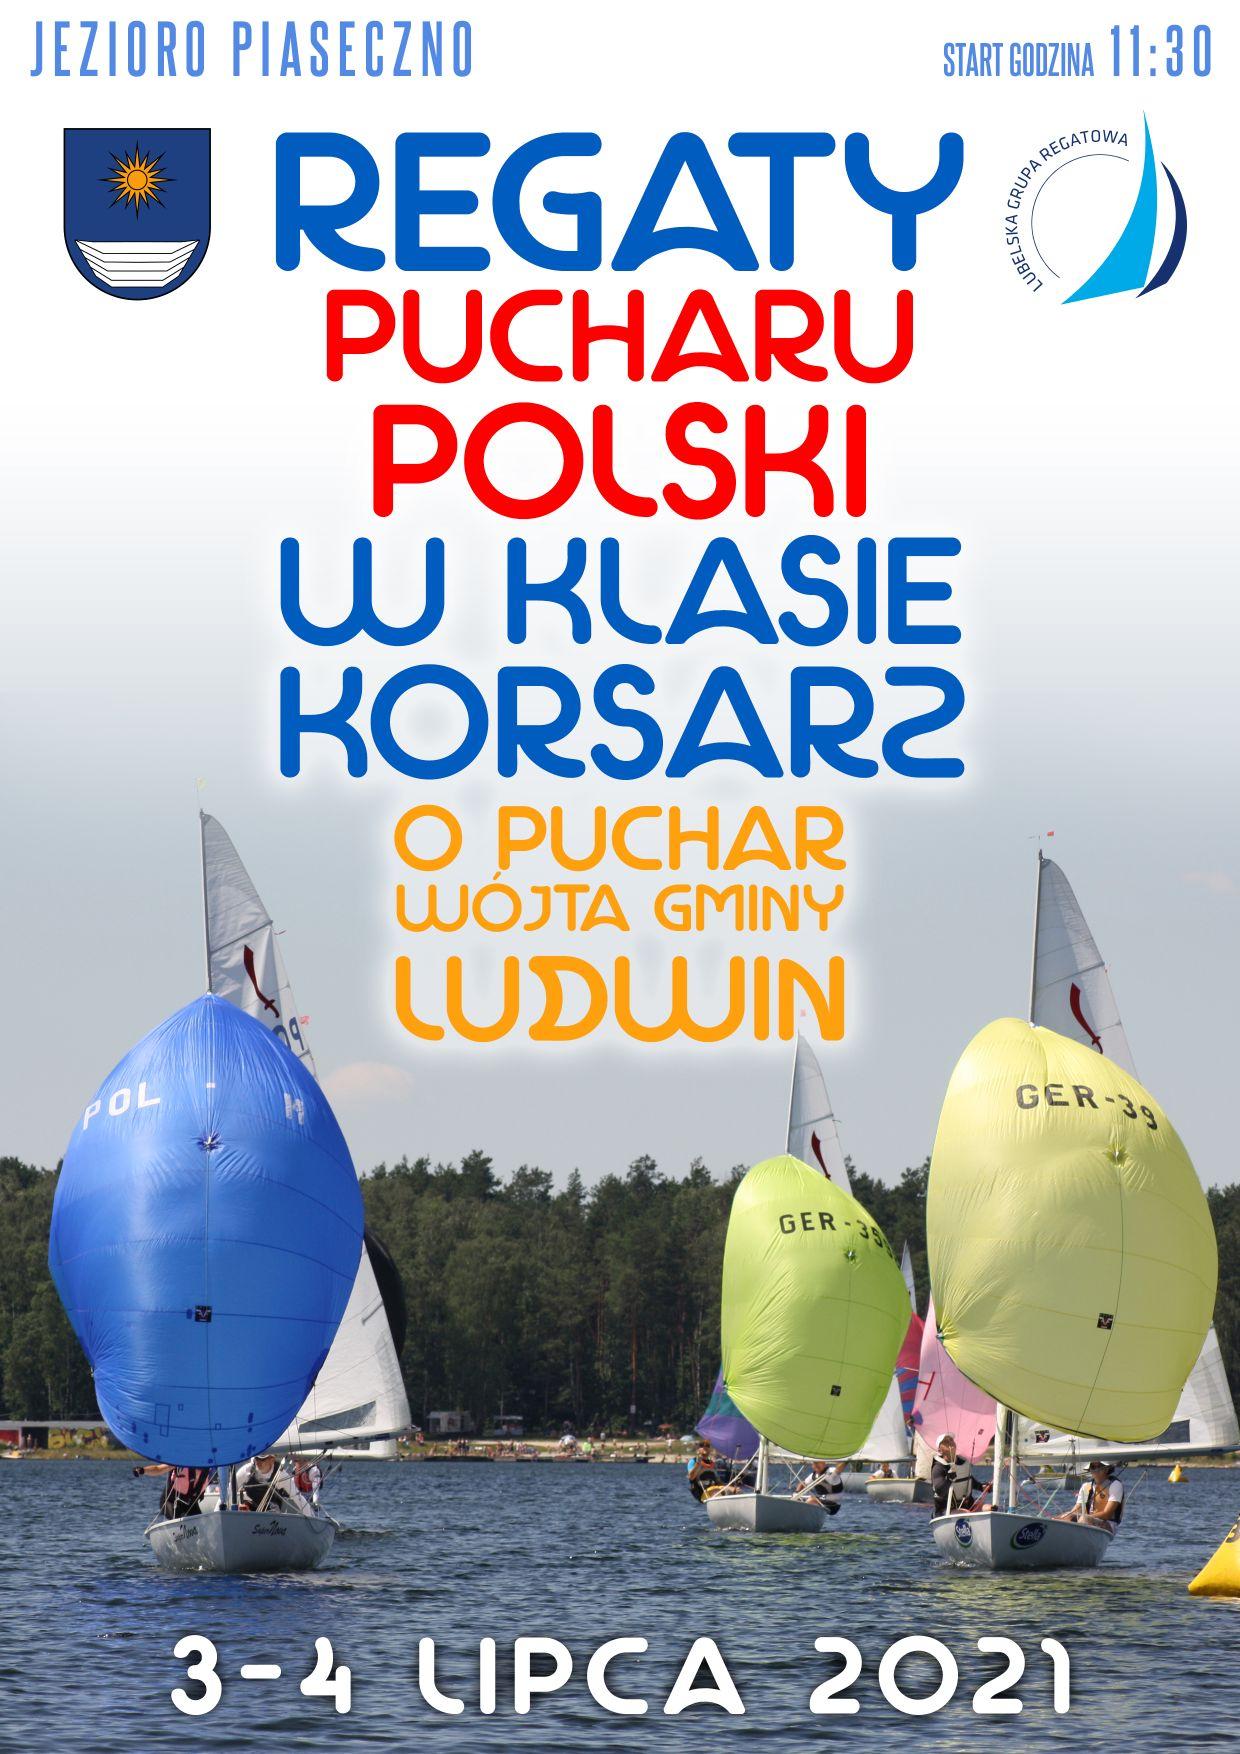 Regaty nad jez. Piaseczno. W wyścigu weźmie udział 13 łódek  - Zdjęcie główne